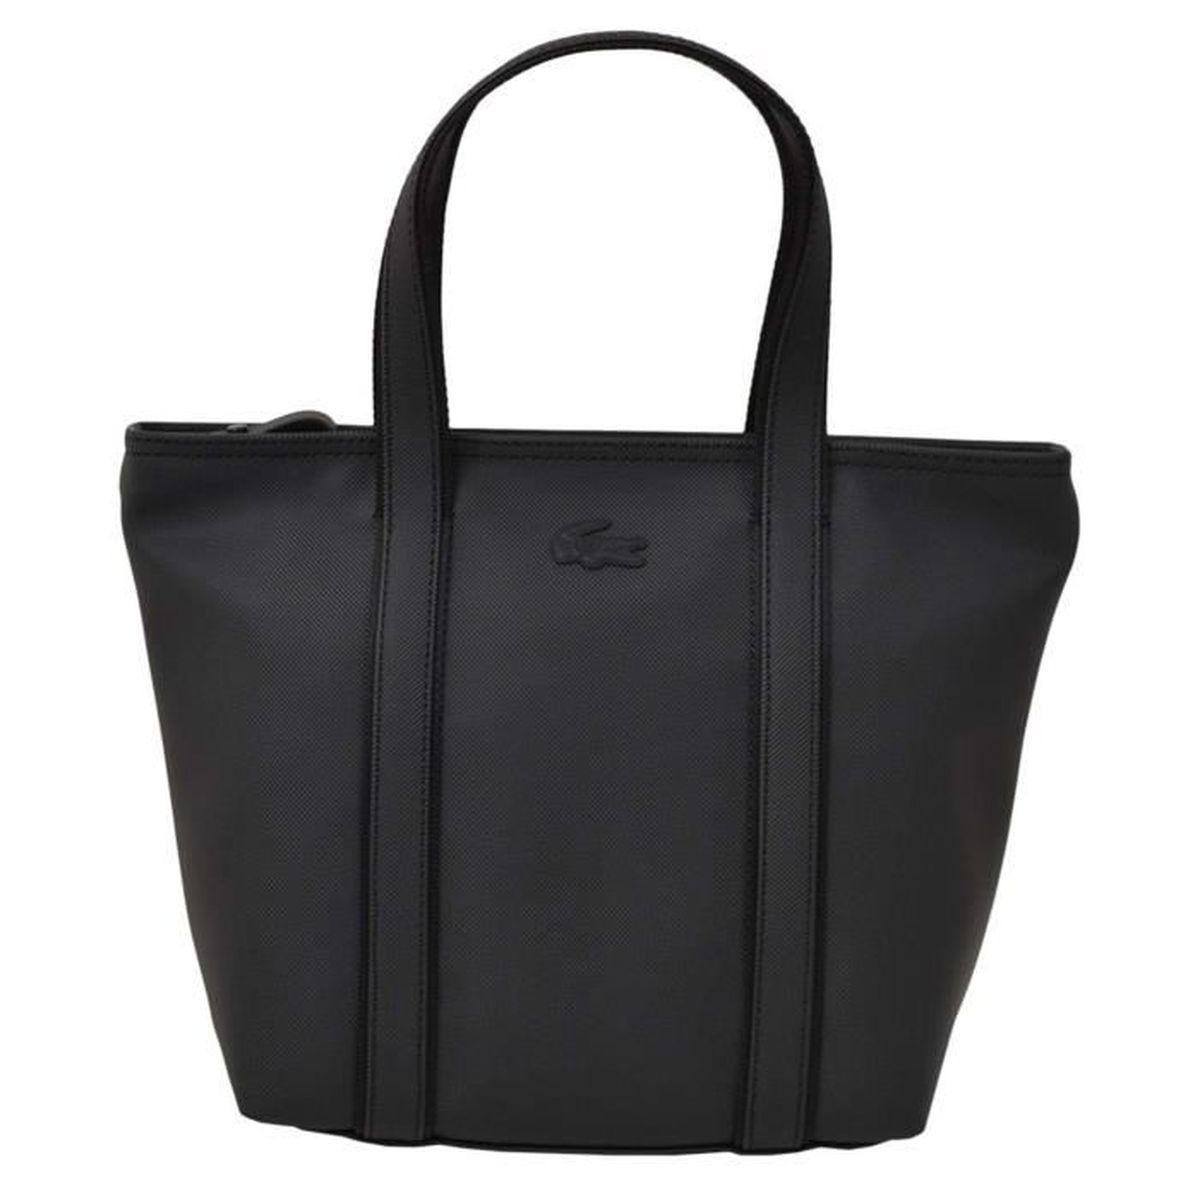 ce092a7338 Sac shopping Lacoste pour femme Noir noir - Achat / Vente sac ...